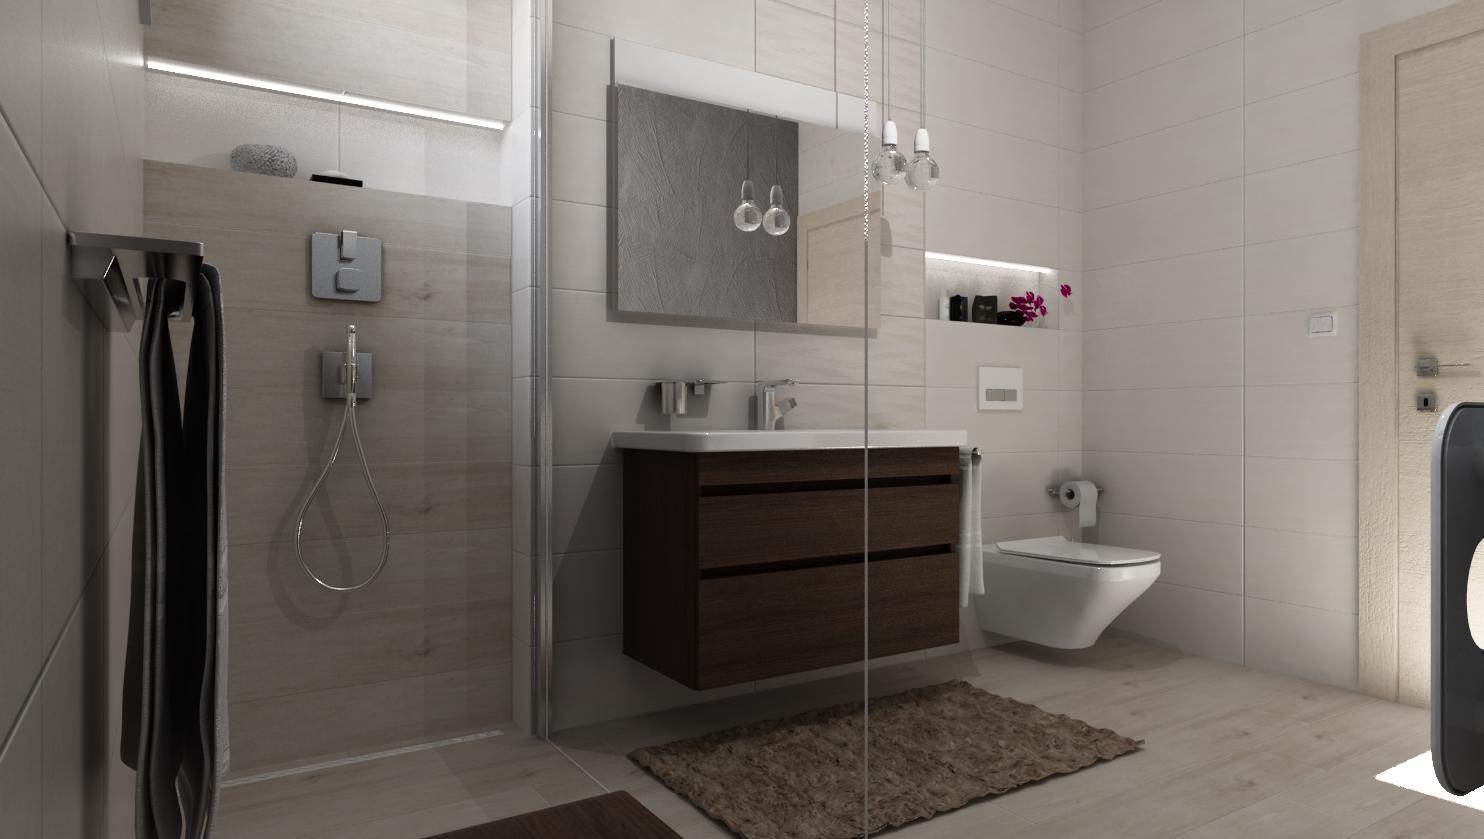 Vizualizácie kúpeľne - Vizualizácia kúpeľne DRESS IVORY / WAVE 25x75